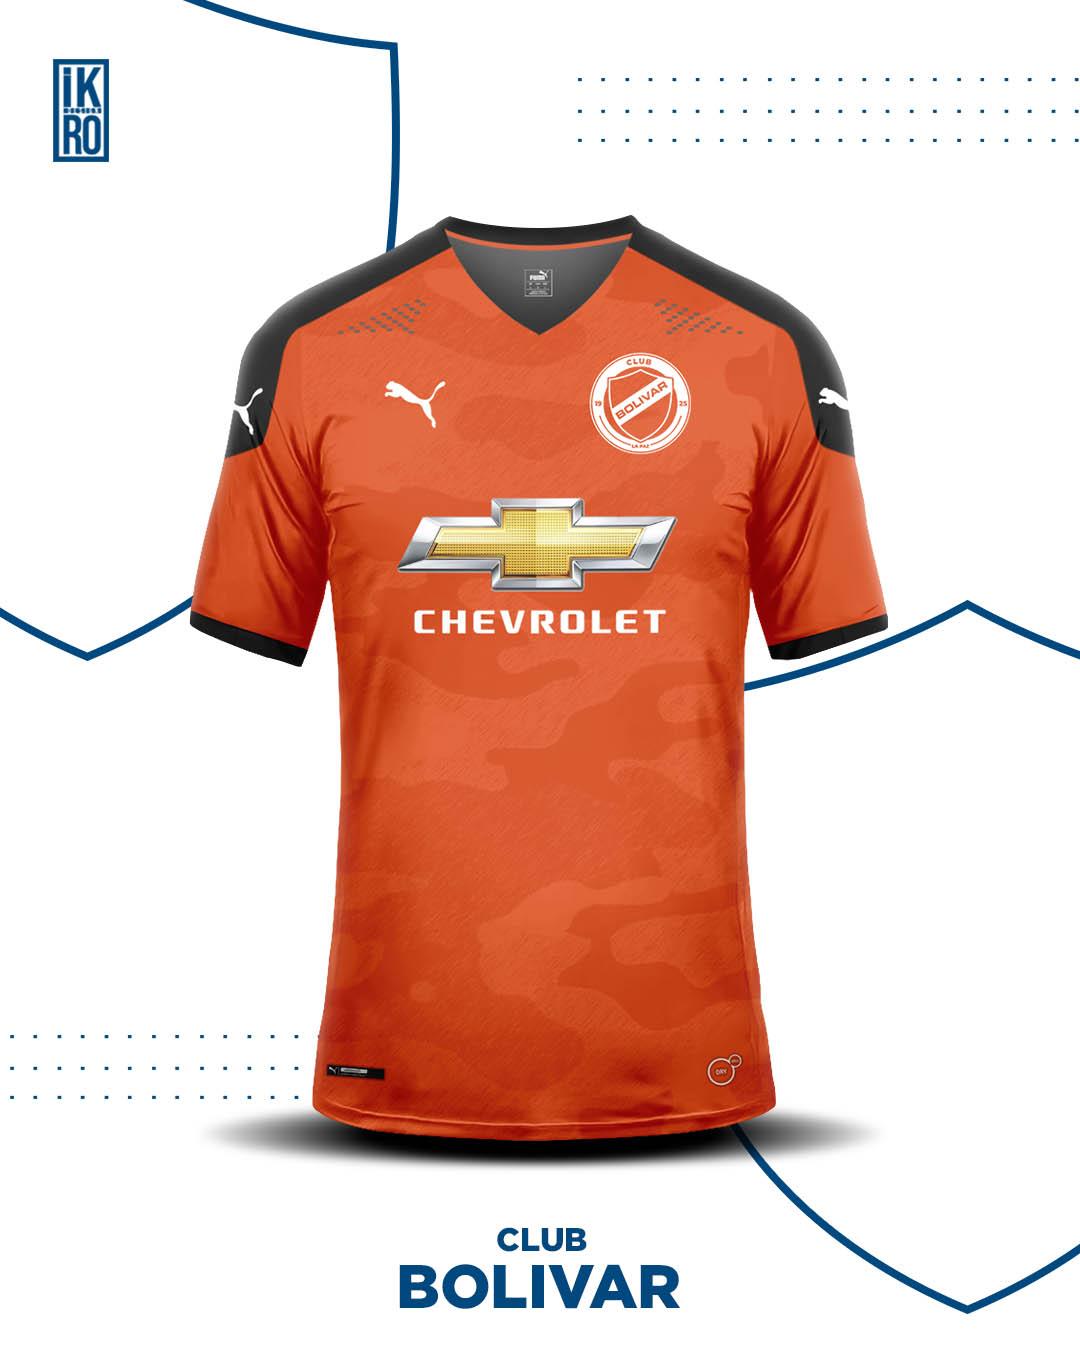 Redesign do escudo + Camisas PUMA do Bolivar (IK-RO Design)